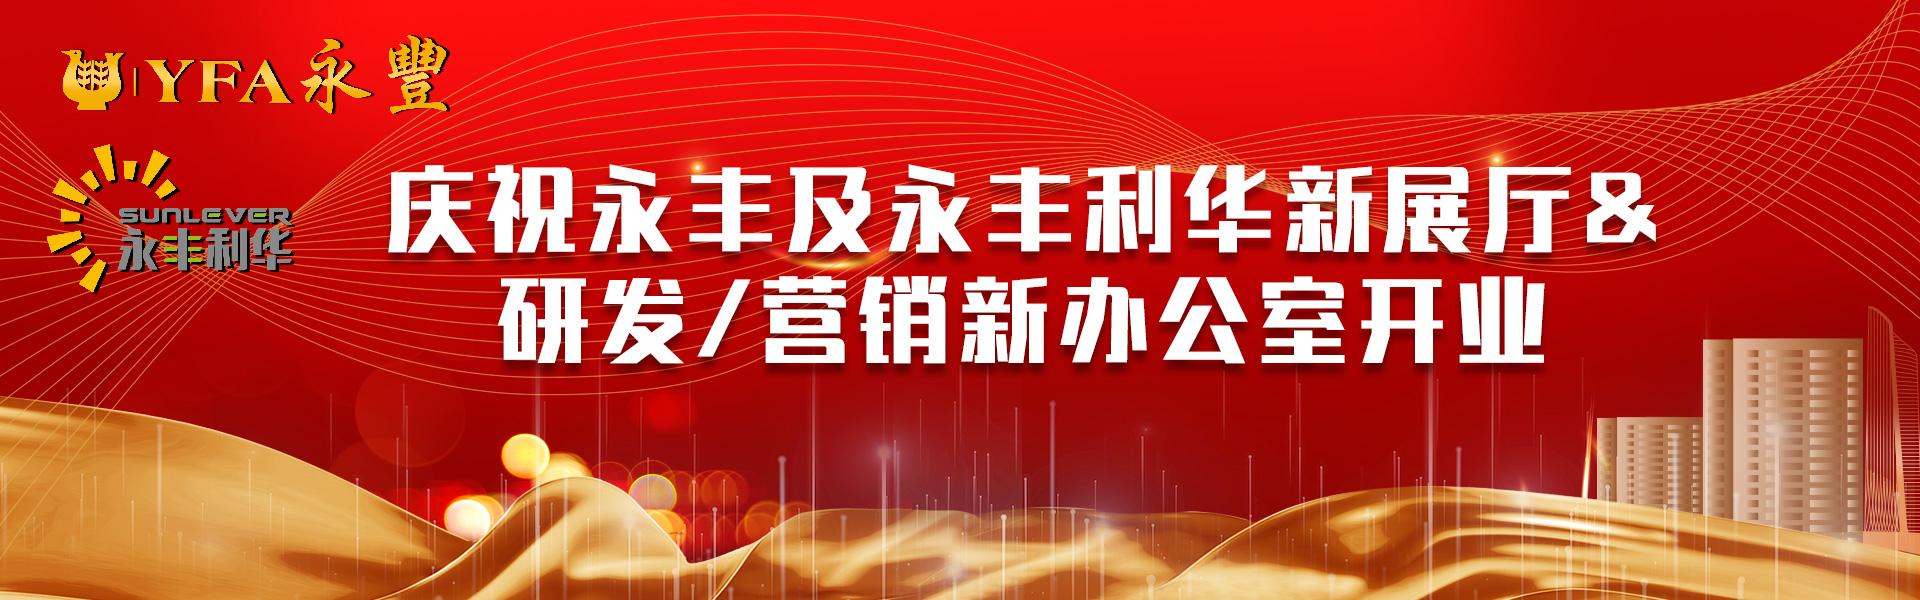 永丰利华新展厅&研发/营销新办公室开业